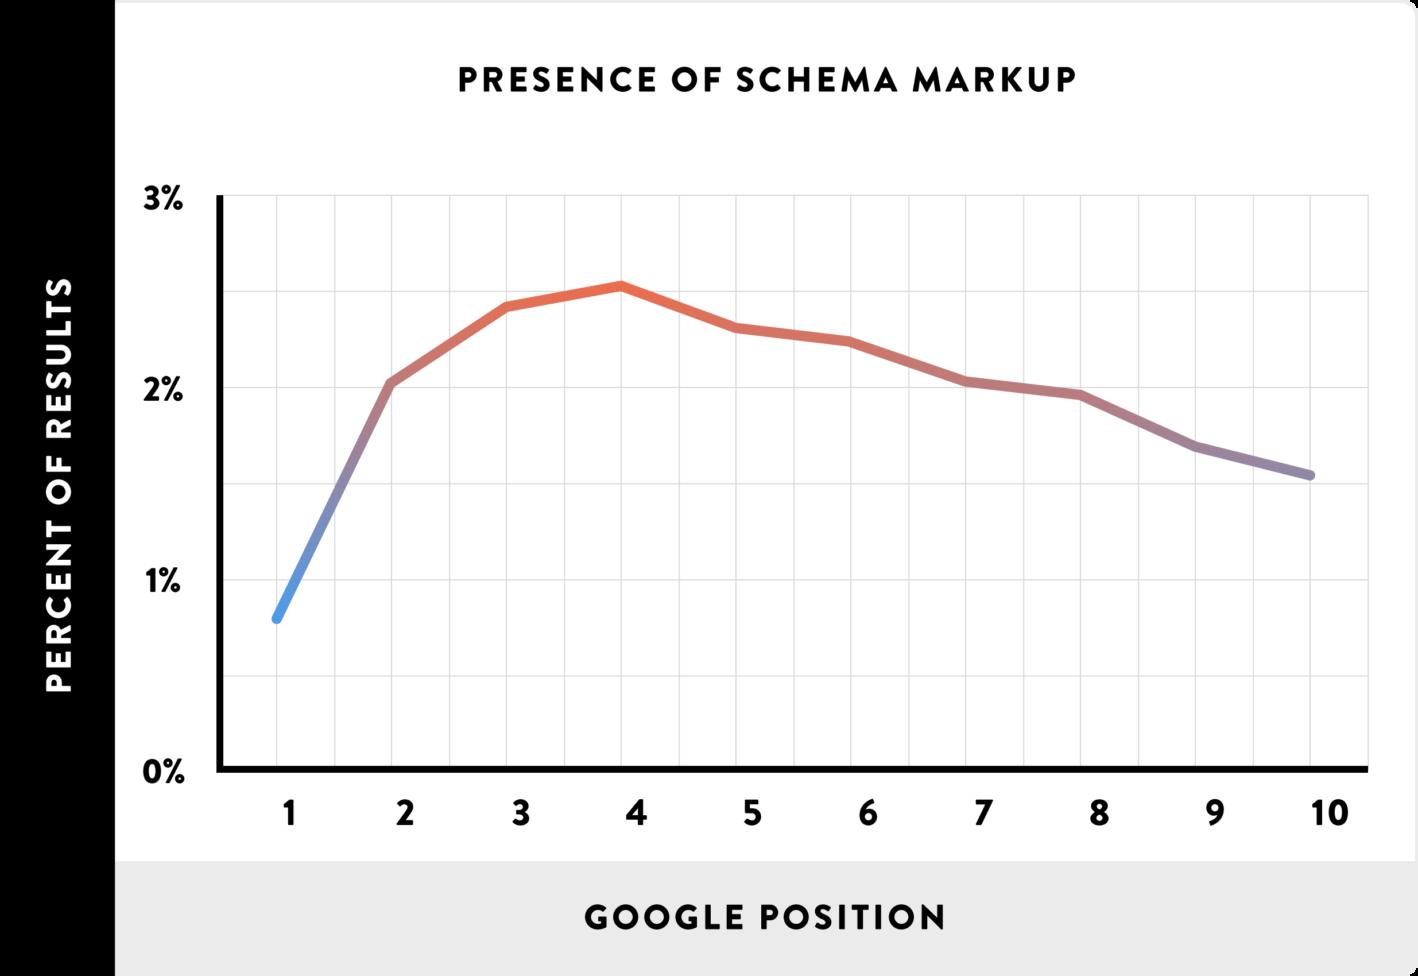 رابطه اسکیماها و رتبه بندی گوگل